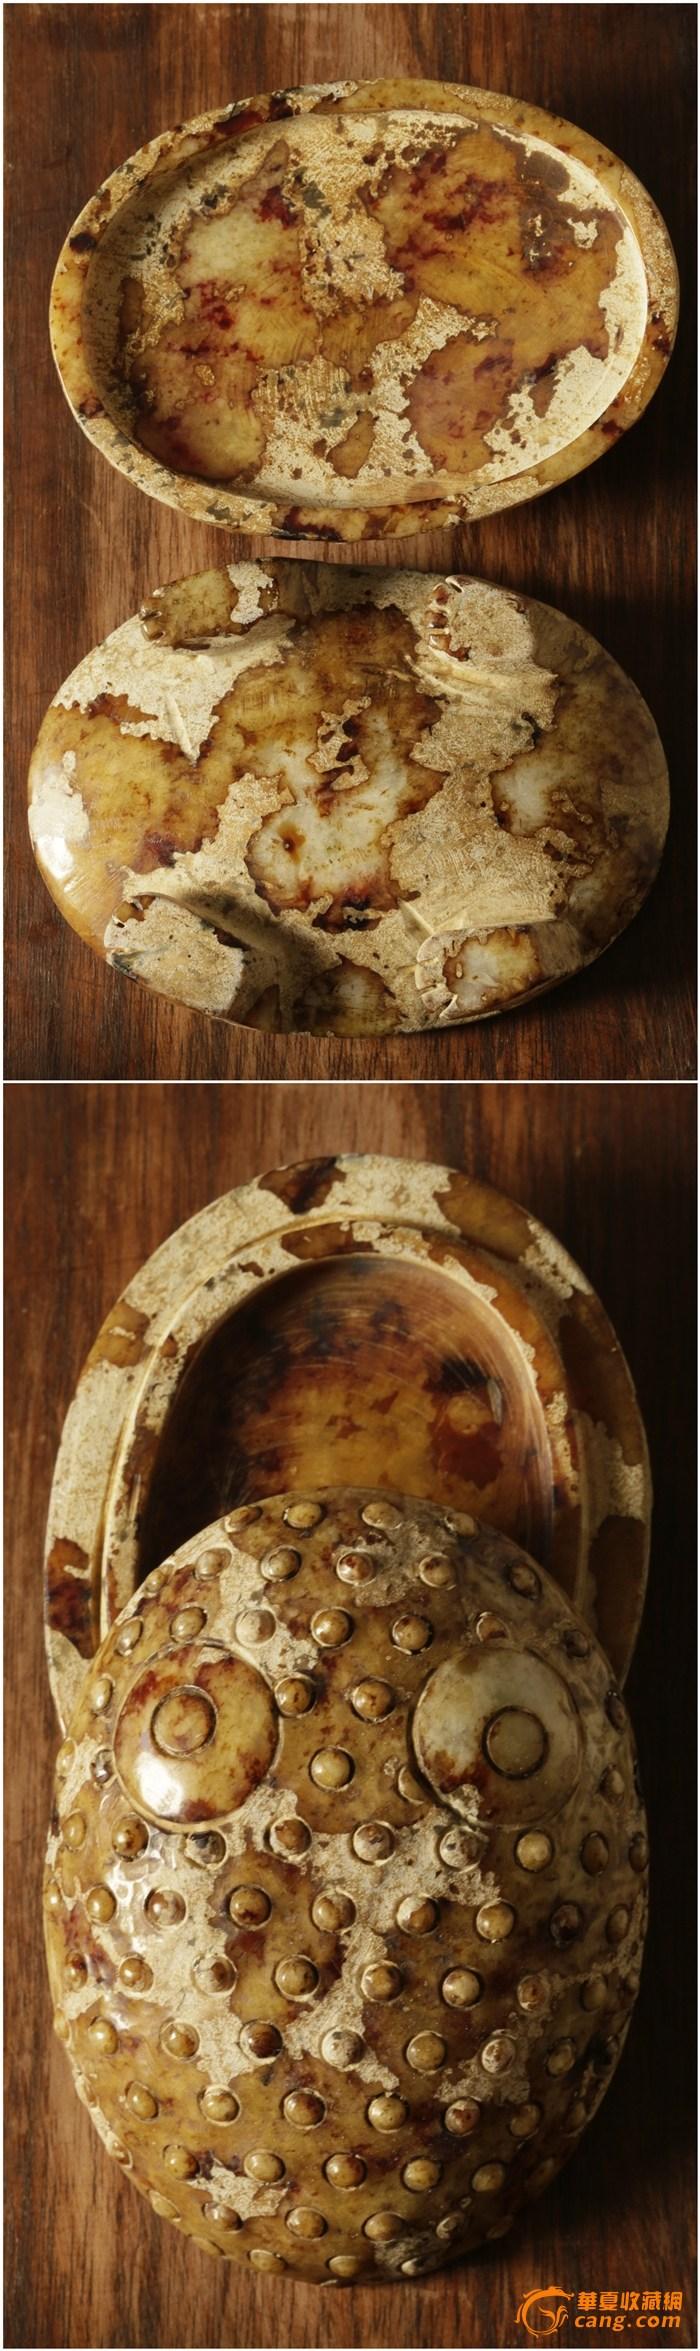 旺财风水用品 和田白玉籽料满沁 盖盒玉蟾,战汉*古玉图3